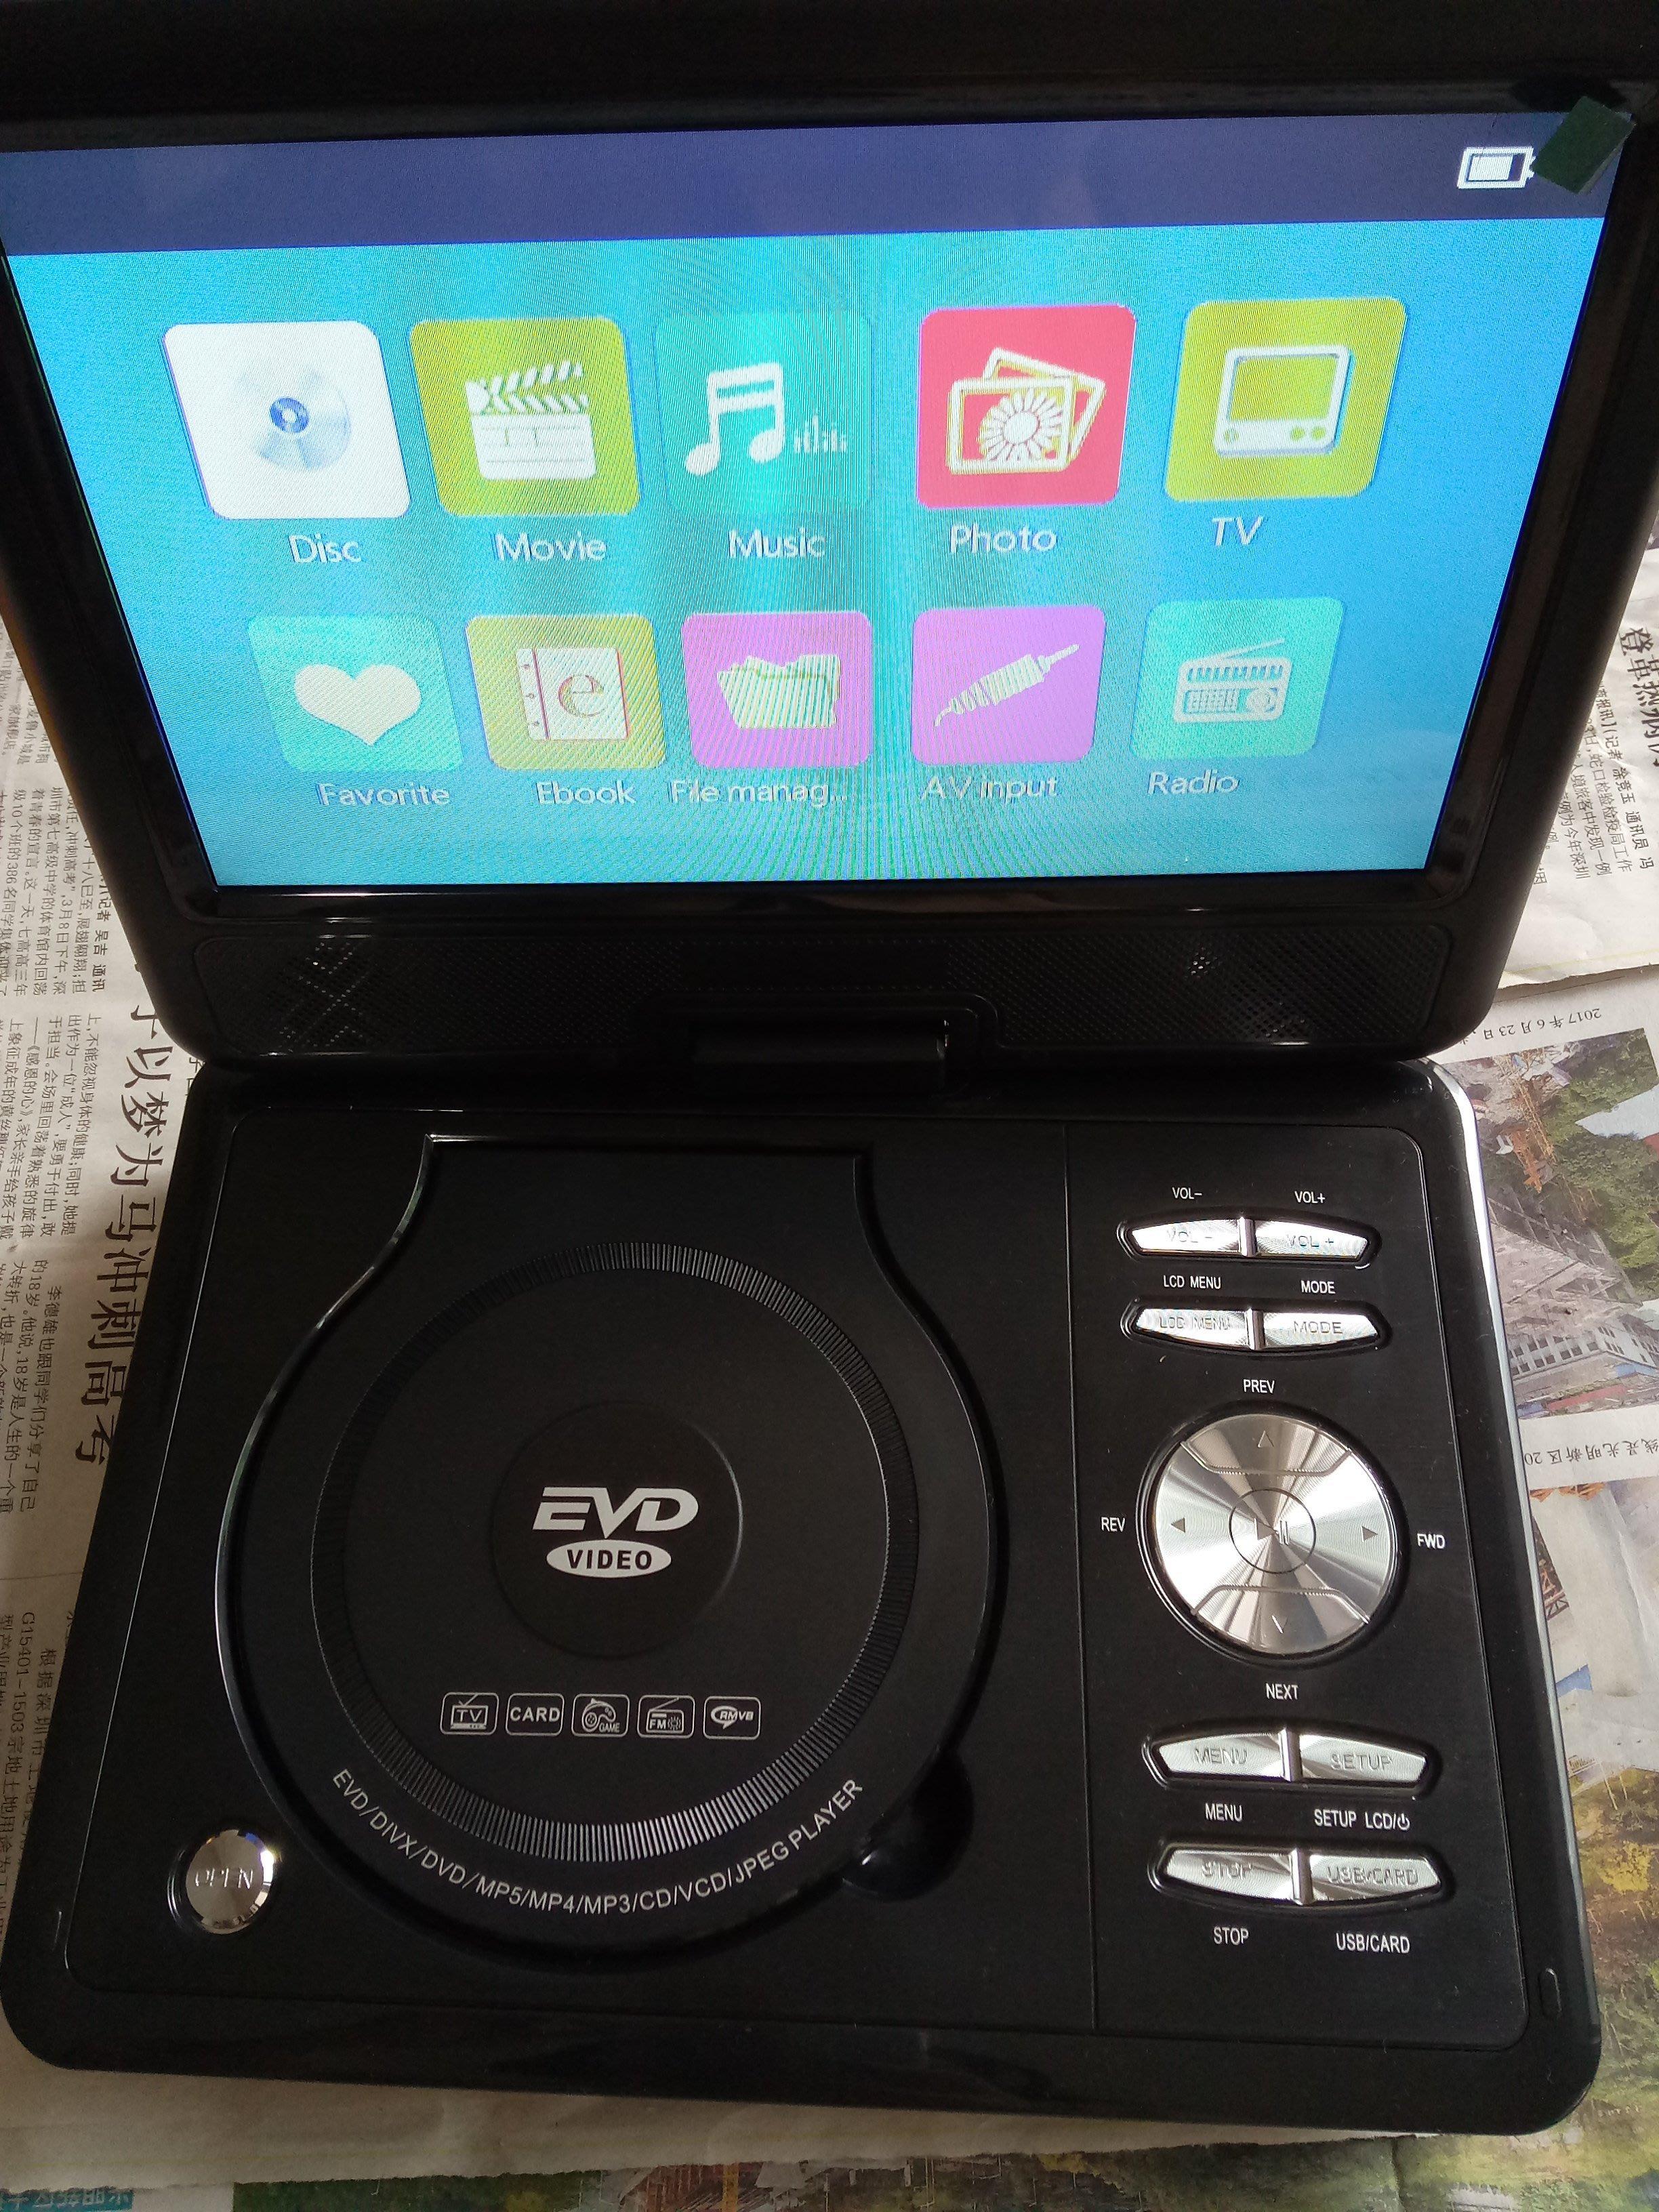 格式版NS-988H 9.8吋TFT-LCD屏DVD + ATV 270°旋轉可攜式DVD播放器/機 液晶行動影音